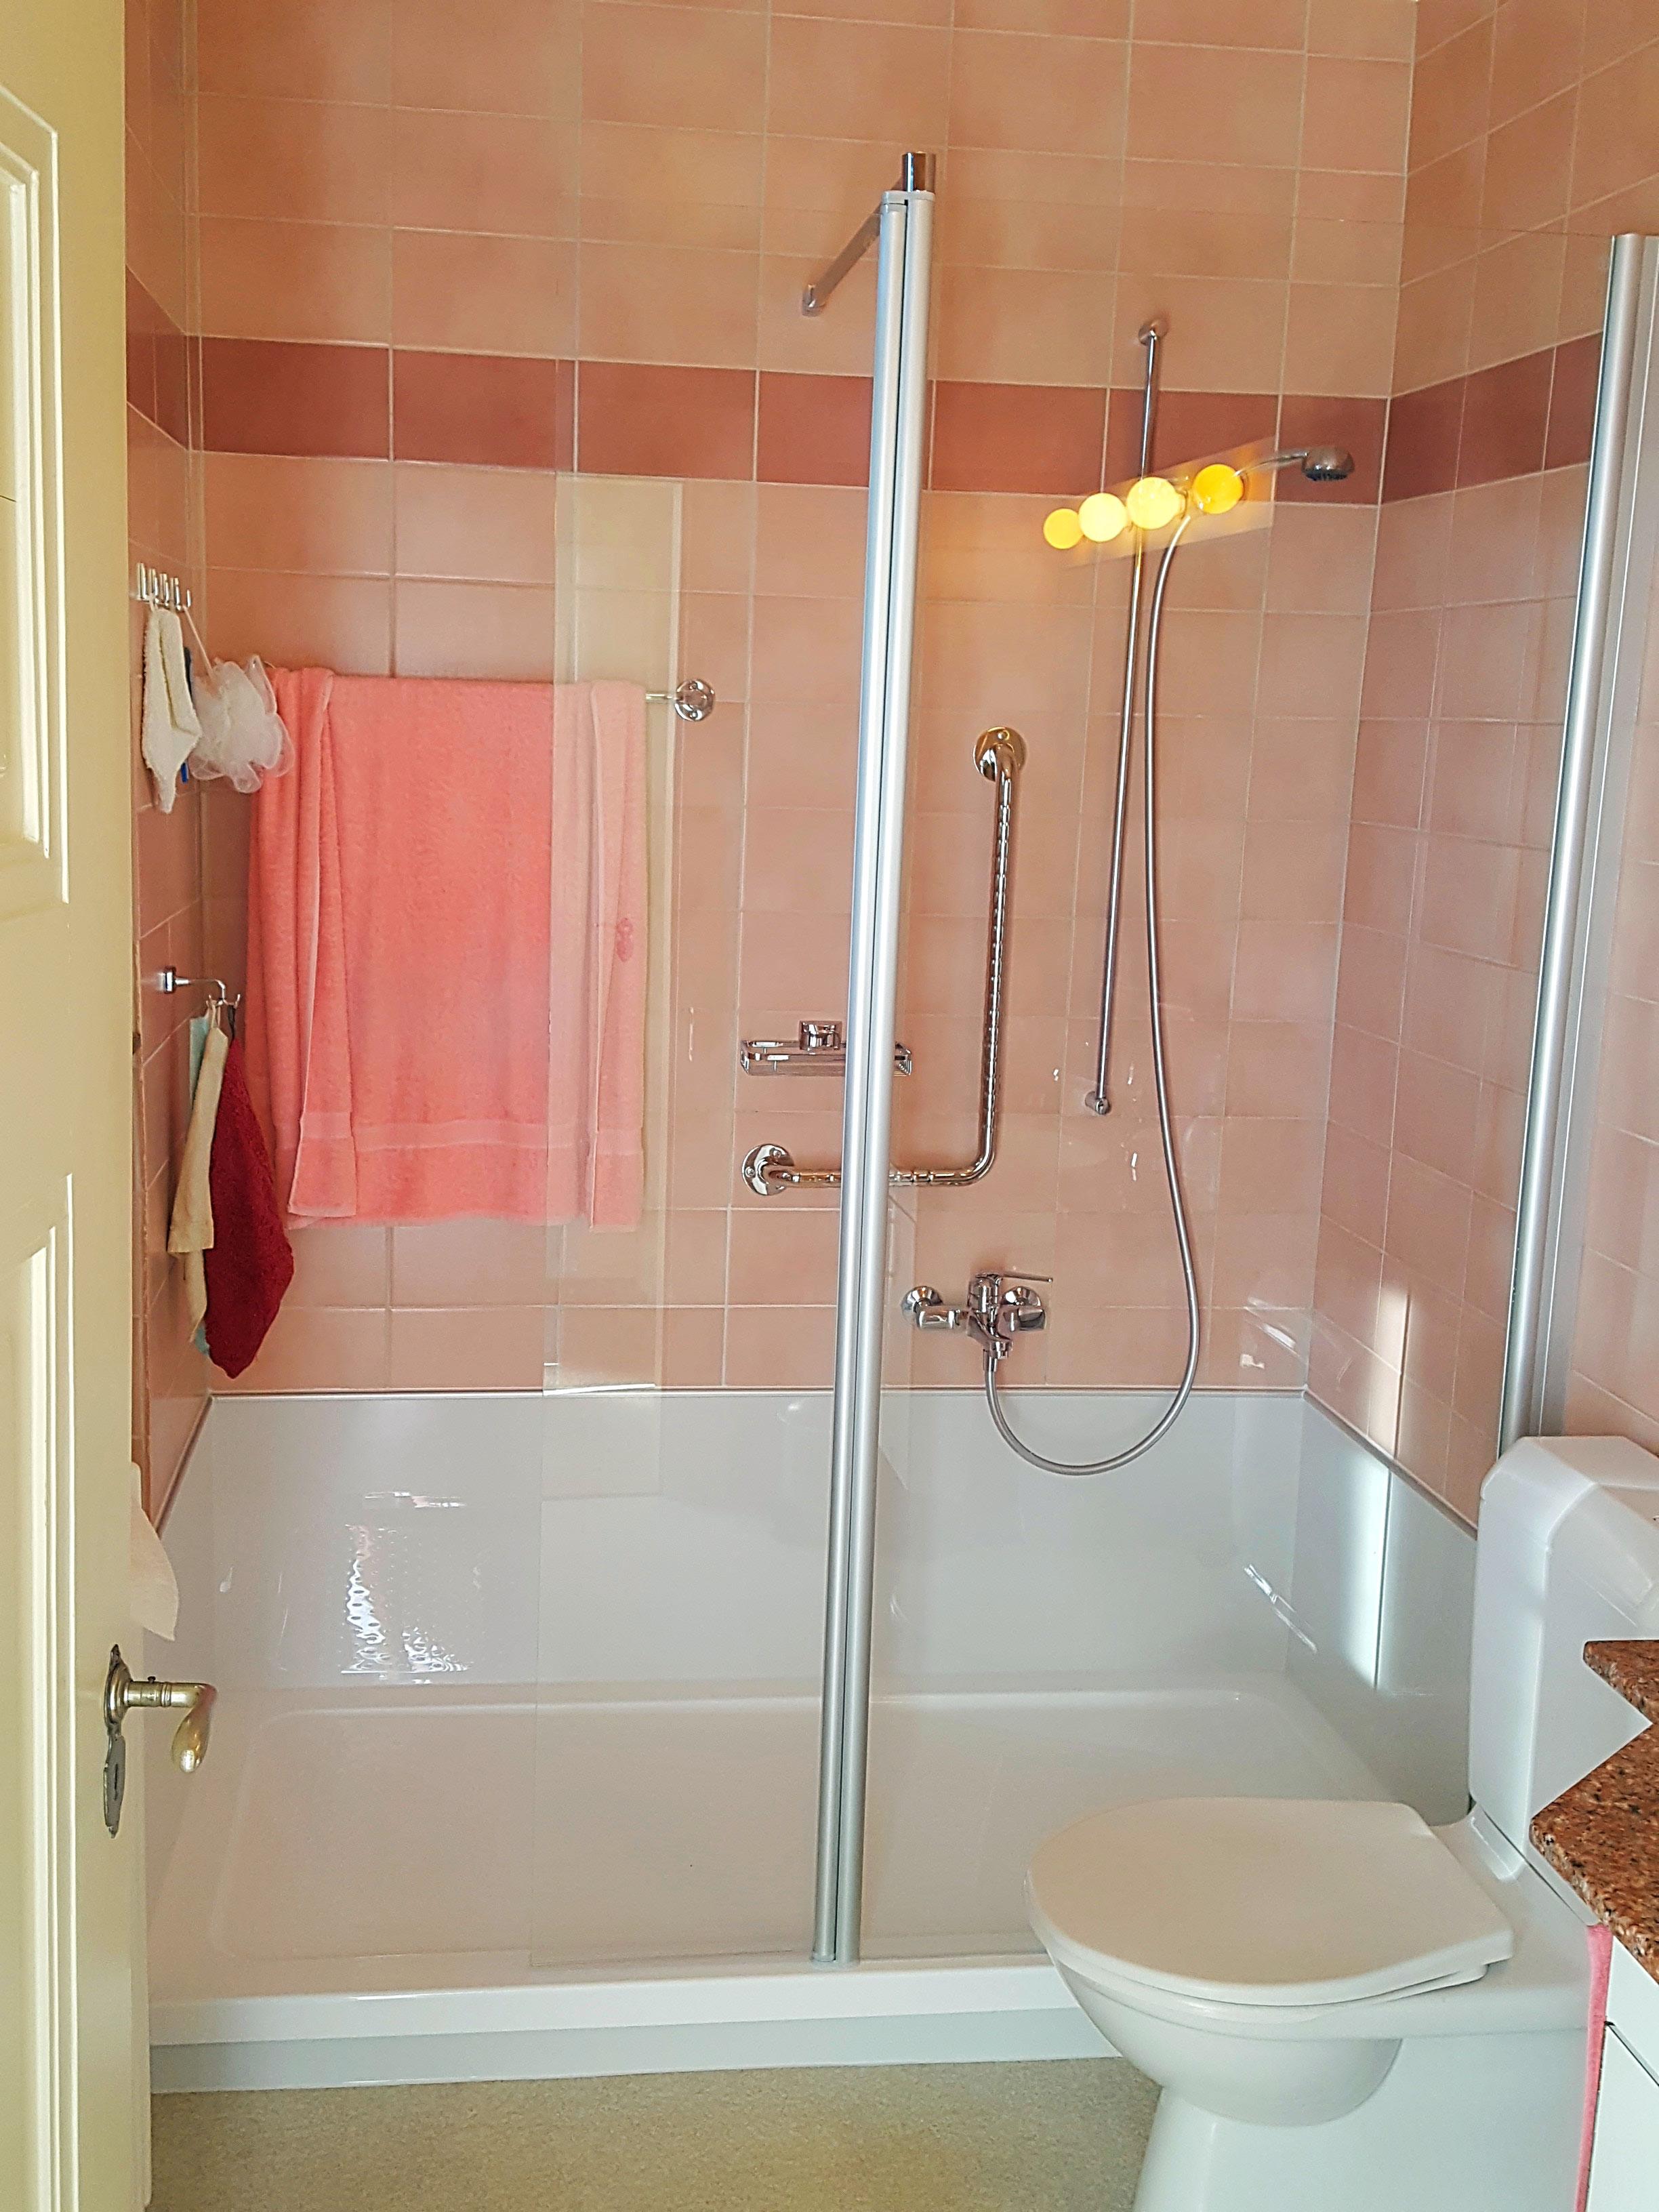 badewanne ausbauen dusche einbauen best badewanne entfernen und dusche einbauen kosten g nstige. Black Bedroom Furniture Sets. Home Design Ideas